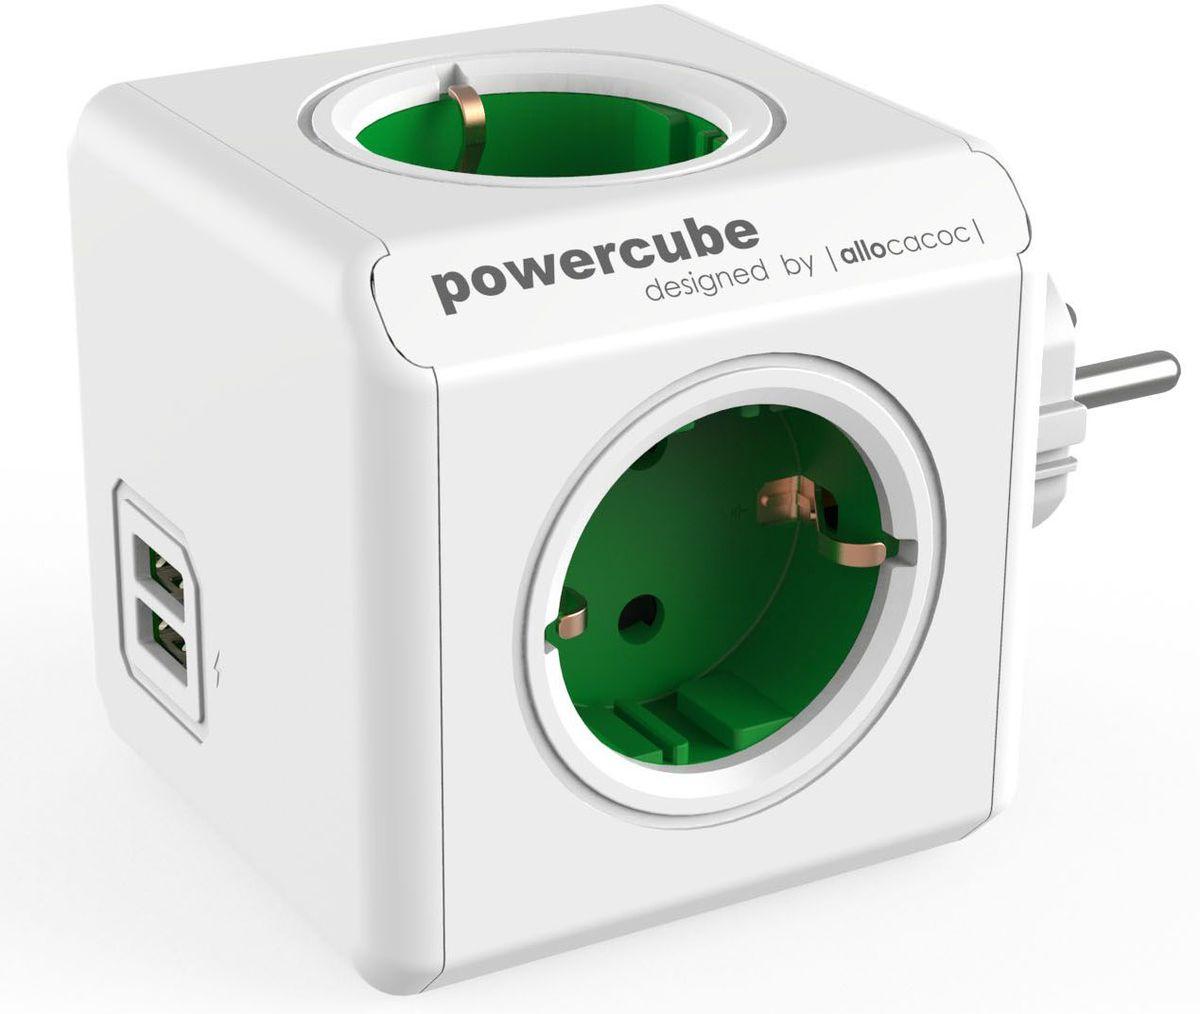 Allocacoc PowerCube Original USB, Green сетевой разветвитель1202GN/DEOUPCРазветвитель Allocacoc PowerCube Original USB это самая популярная версия PowerCube. Наличие 1,5 (3-х) метрового шнура позволяет установить PowerCube в любом месте, располагая розетку в пределах досягаемости, больше нет необходимости лезть под стол, чтобы подключить Ваш ноутбук! PowerCube содержит USB- порт что позволяет заряжать широкий спектр устройств. Находясь в офисе, дома, на совещании или еще где-нибудь, бывает трудно найти свободную розетку для зарядки ноутбука или мобильного телефона. PowerCube решил эту проблему: количество розеток можно расширить, что позволит монтировать индивидуальный источник питания в пределах досягаемости.